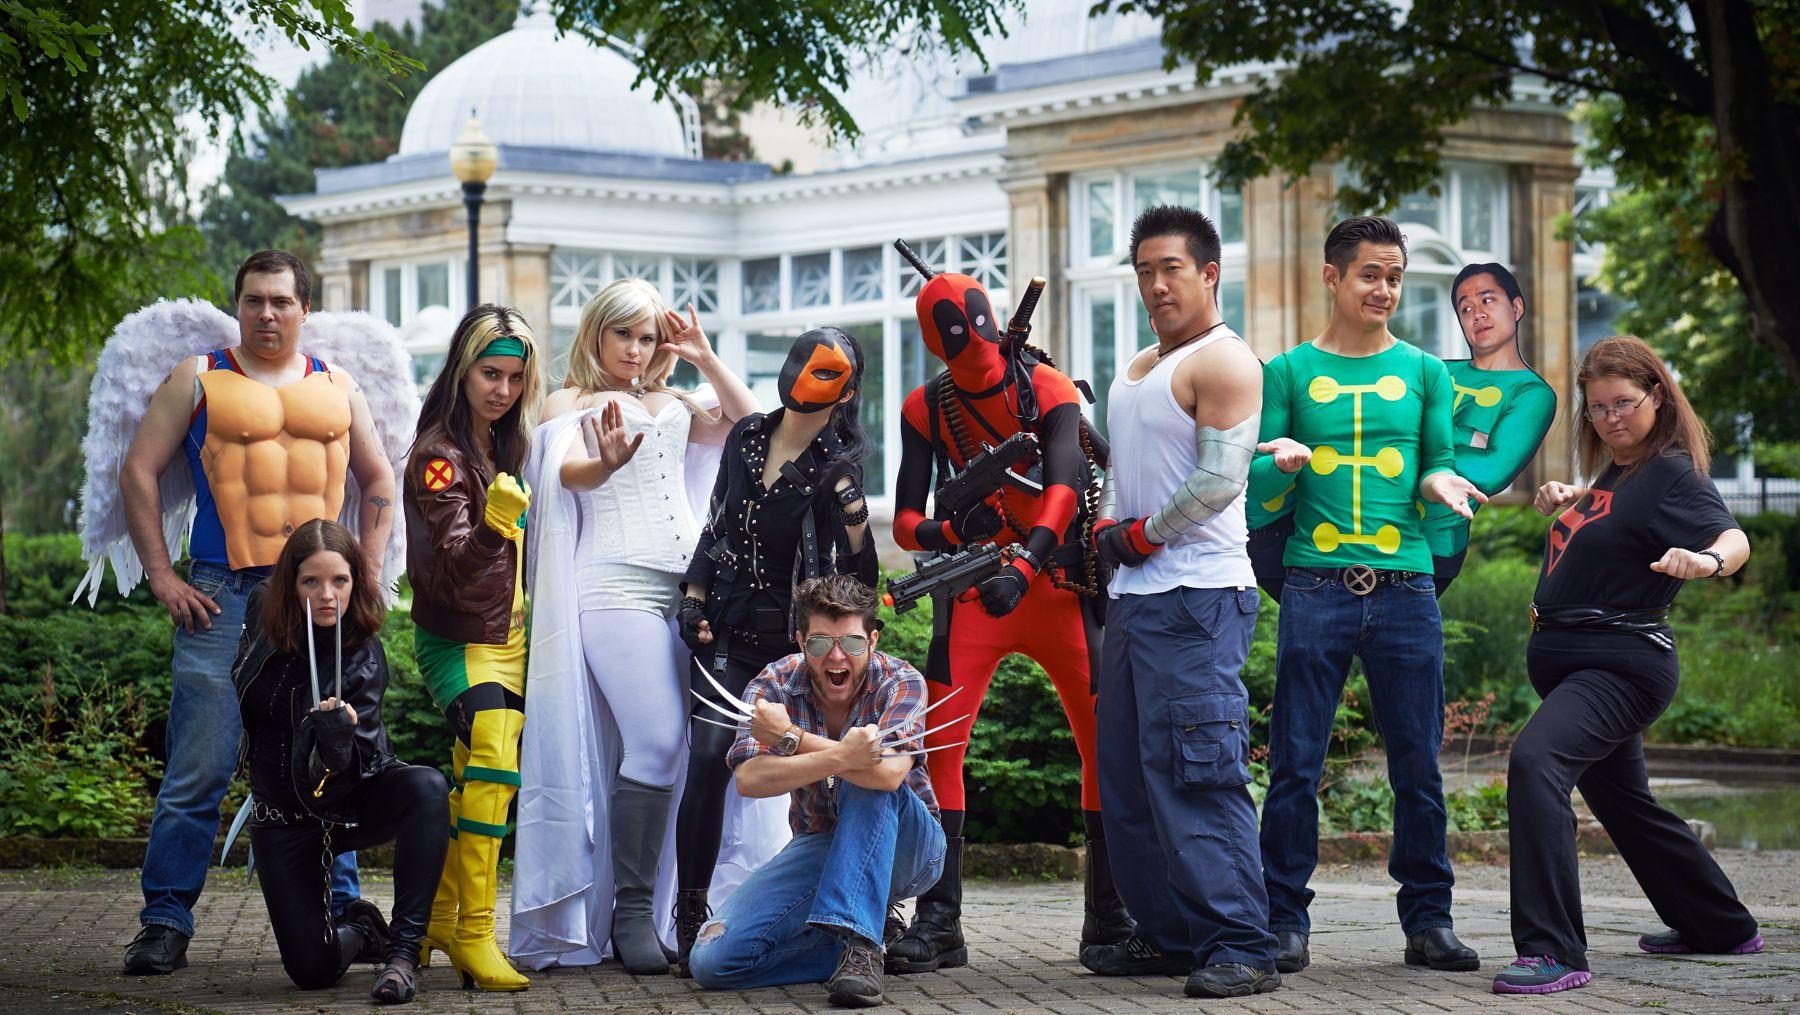 Allen-Gardens-Cosplay-130616-X-Men-Toronto.jpg